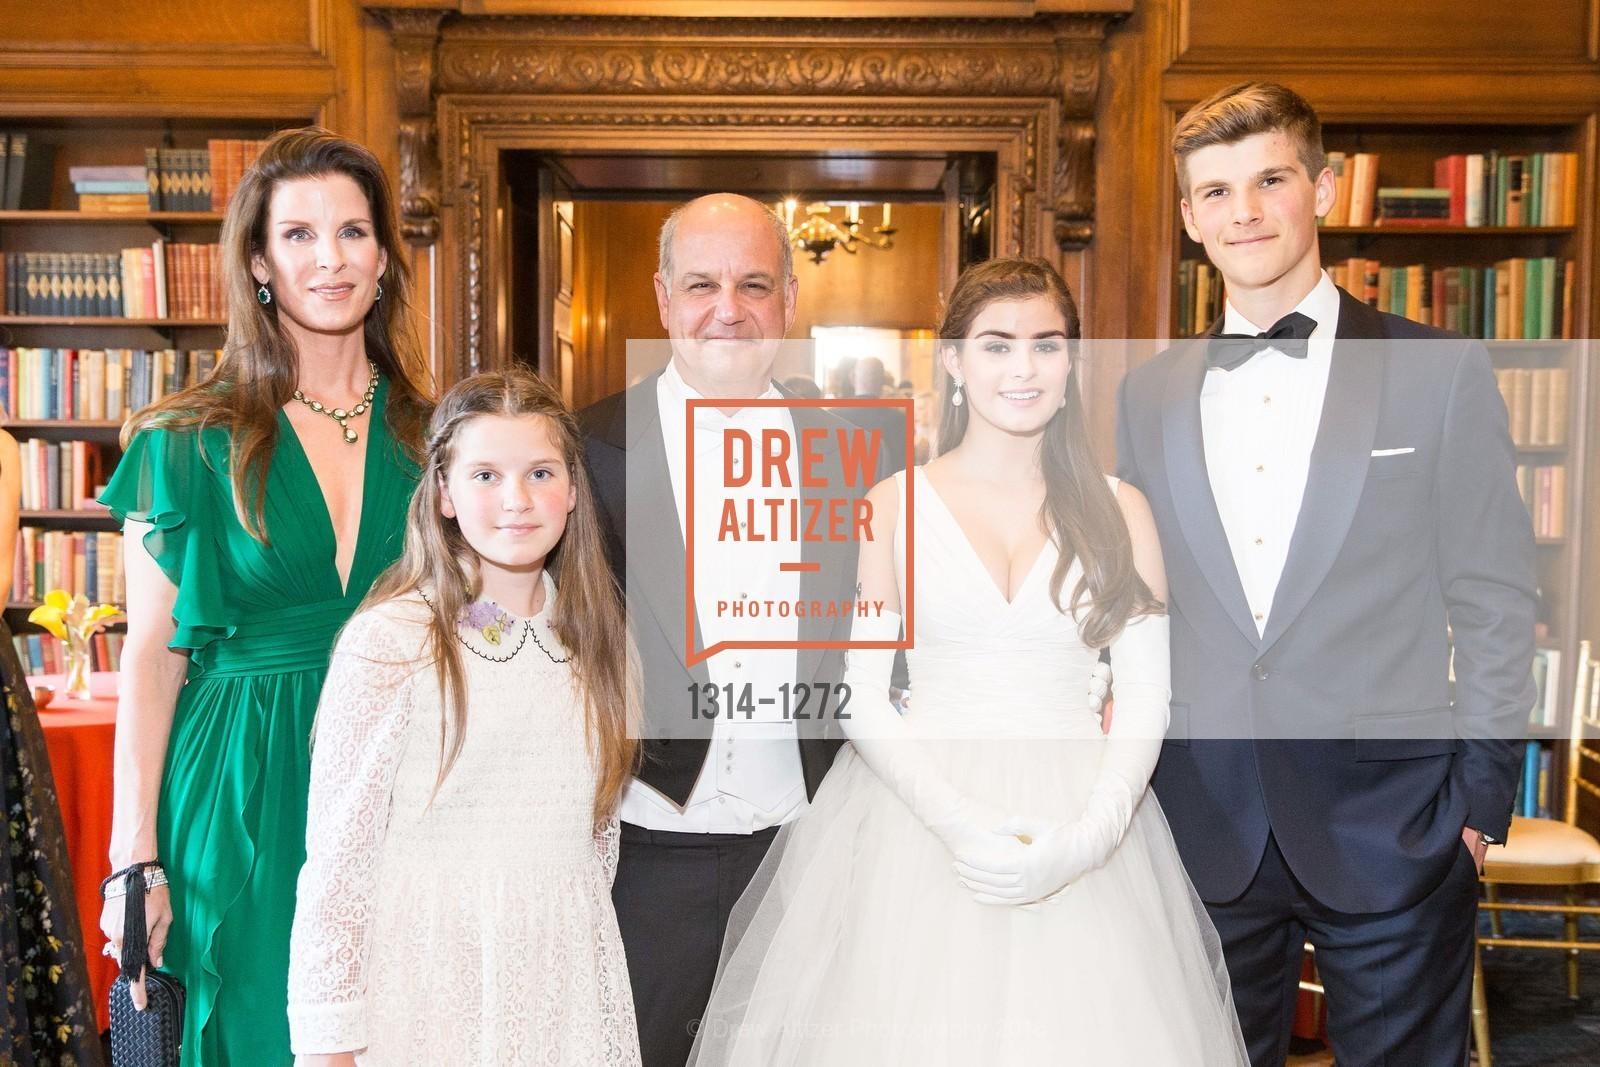 Leslie Podell, Madeleine Podell, Nick Podell, Natalie Podell, Nick Podell II, Photo #1314-1272